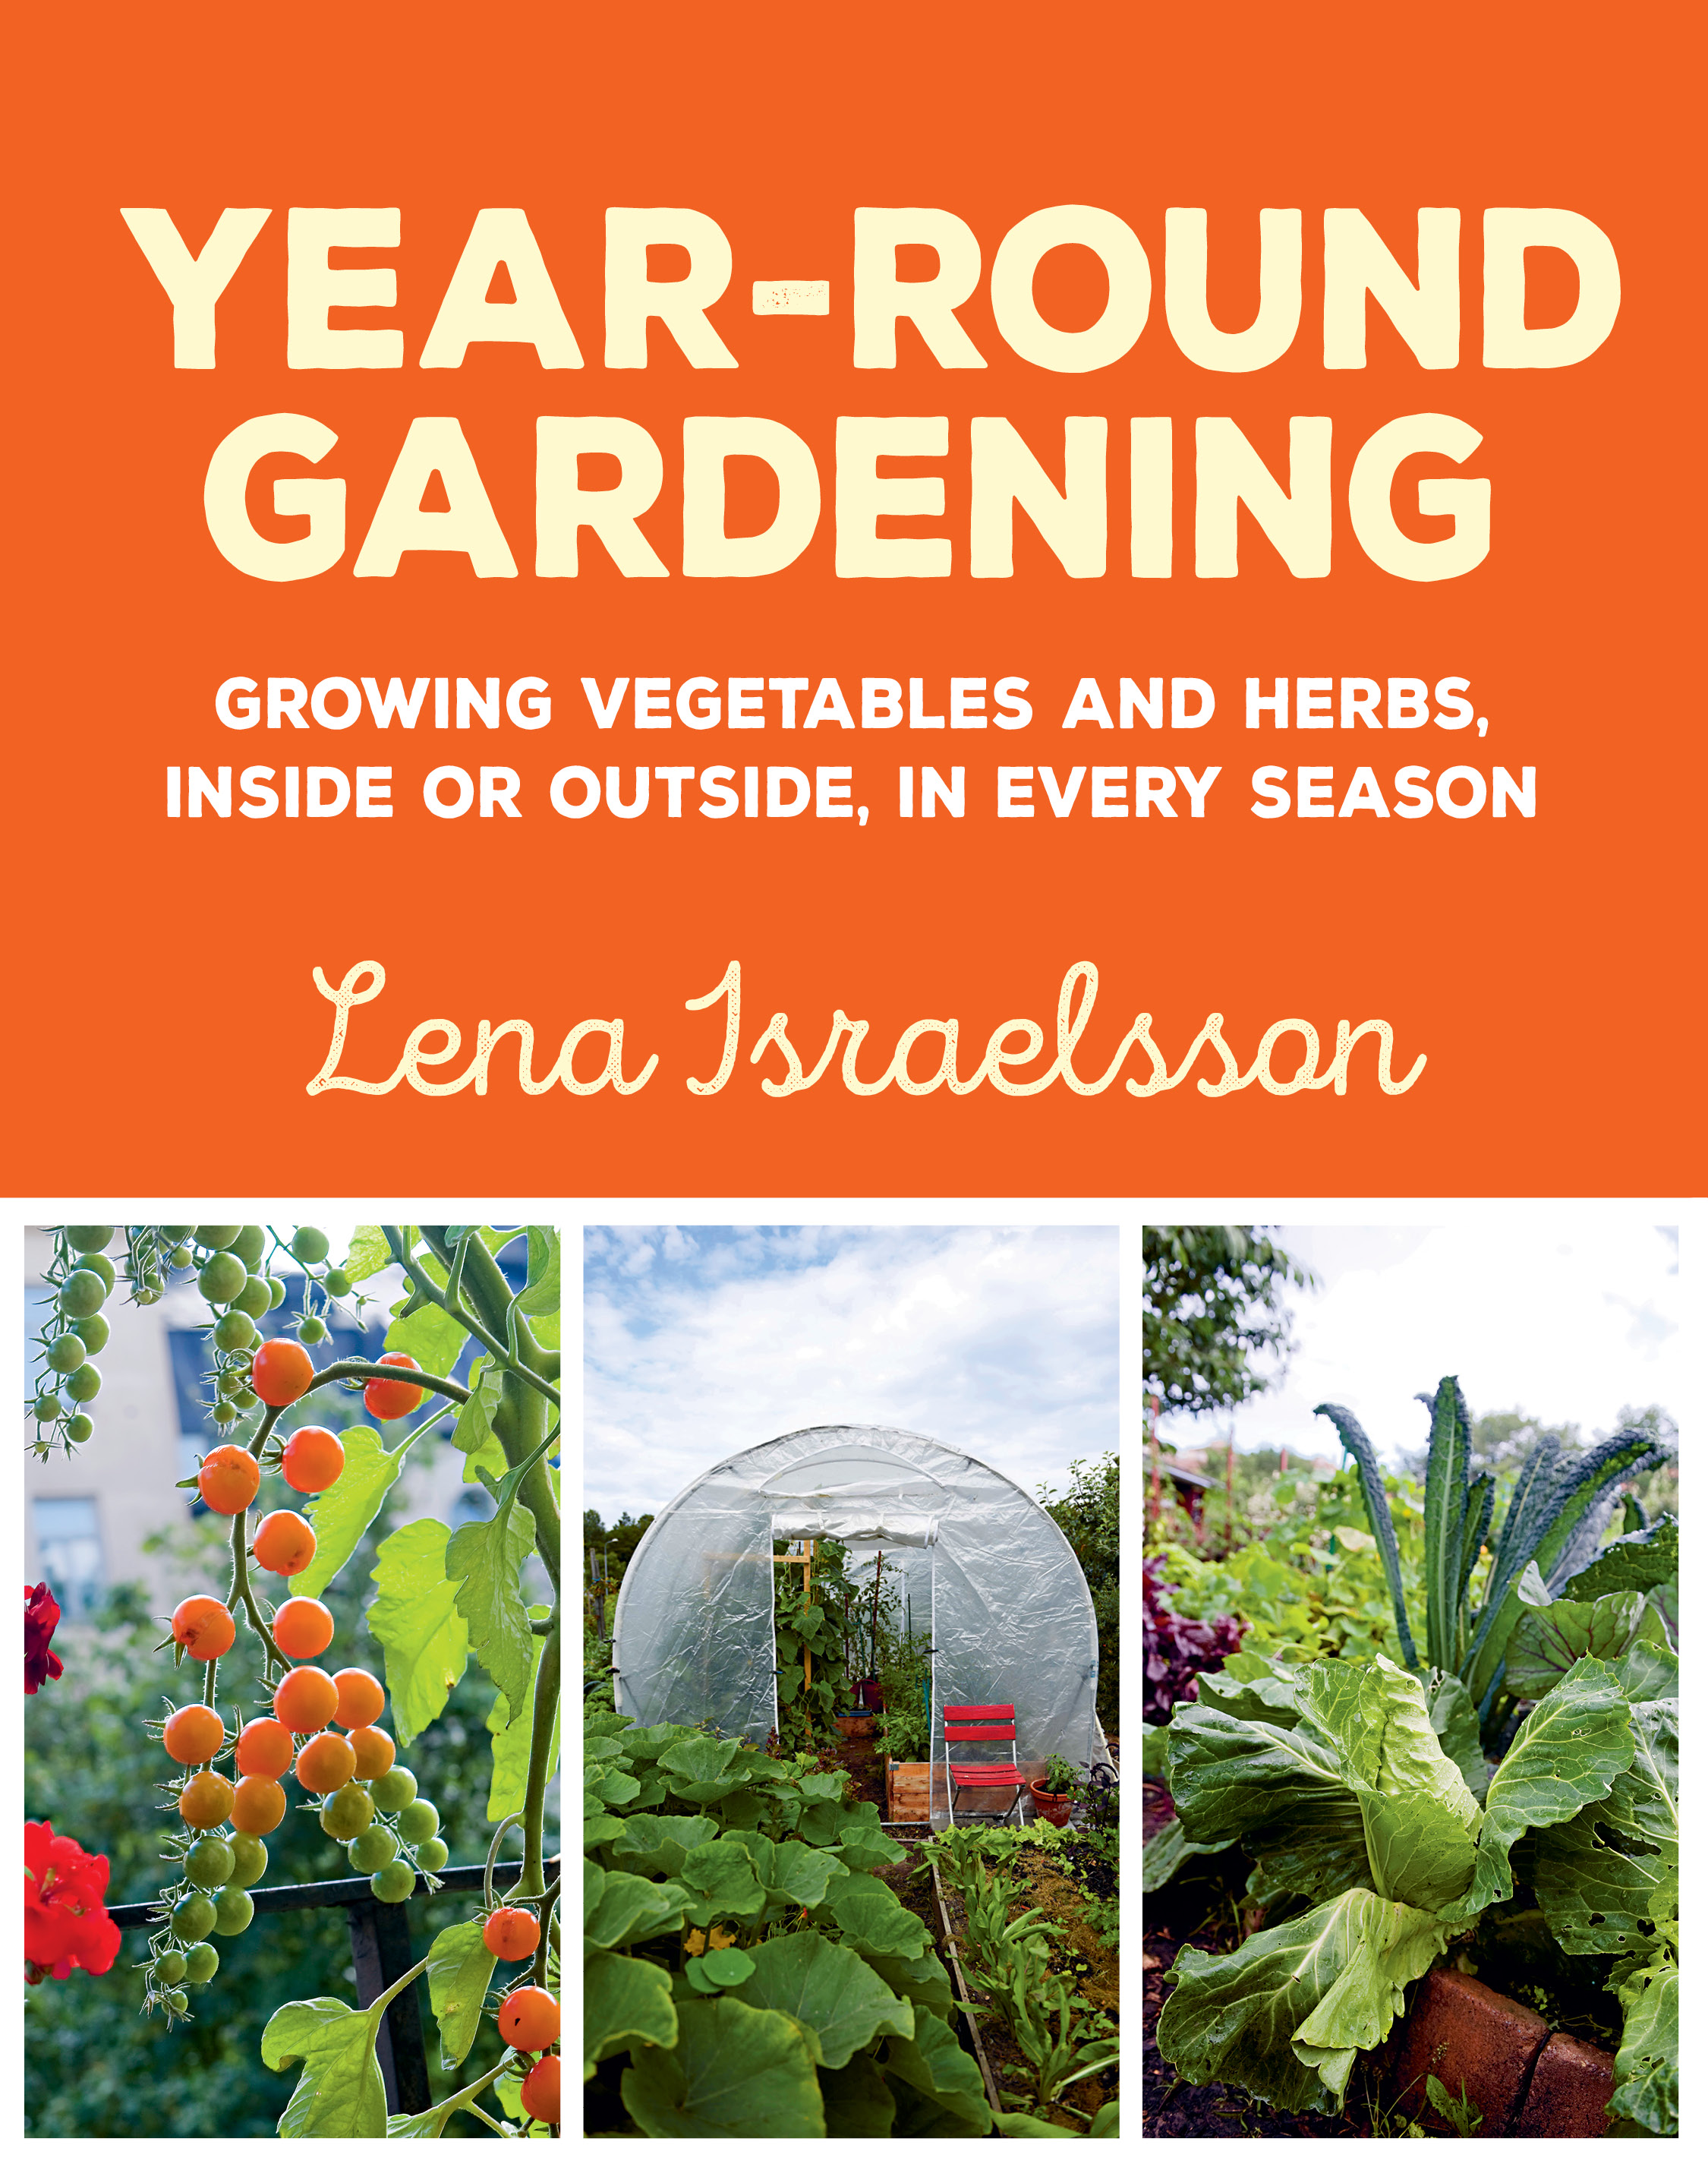 Year-Round Gardening.jpg